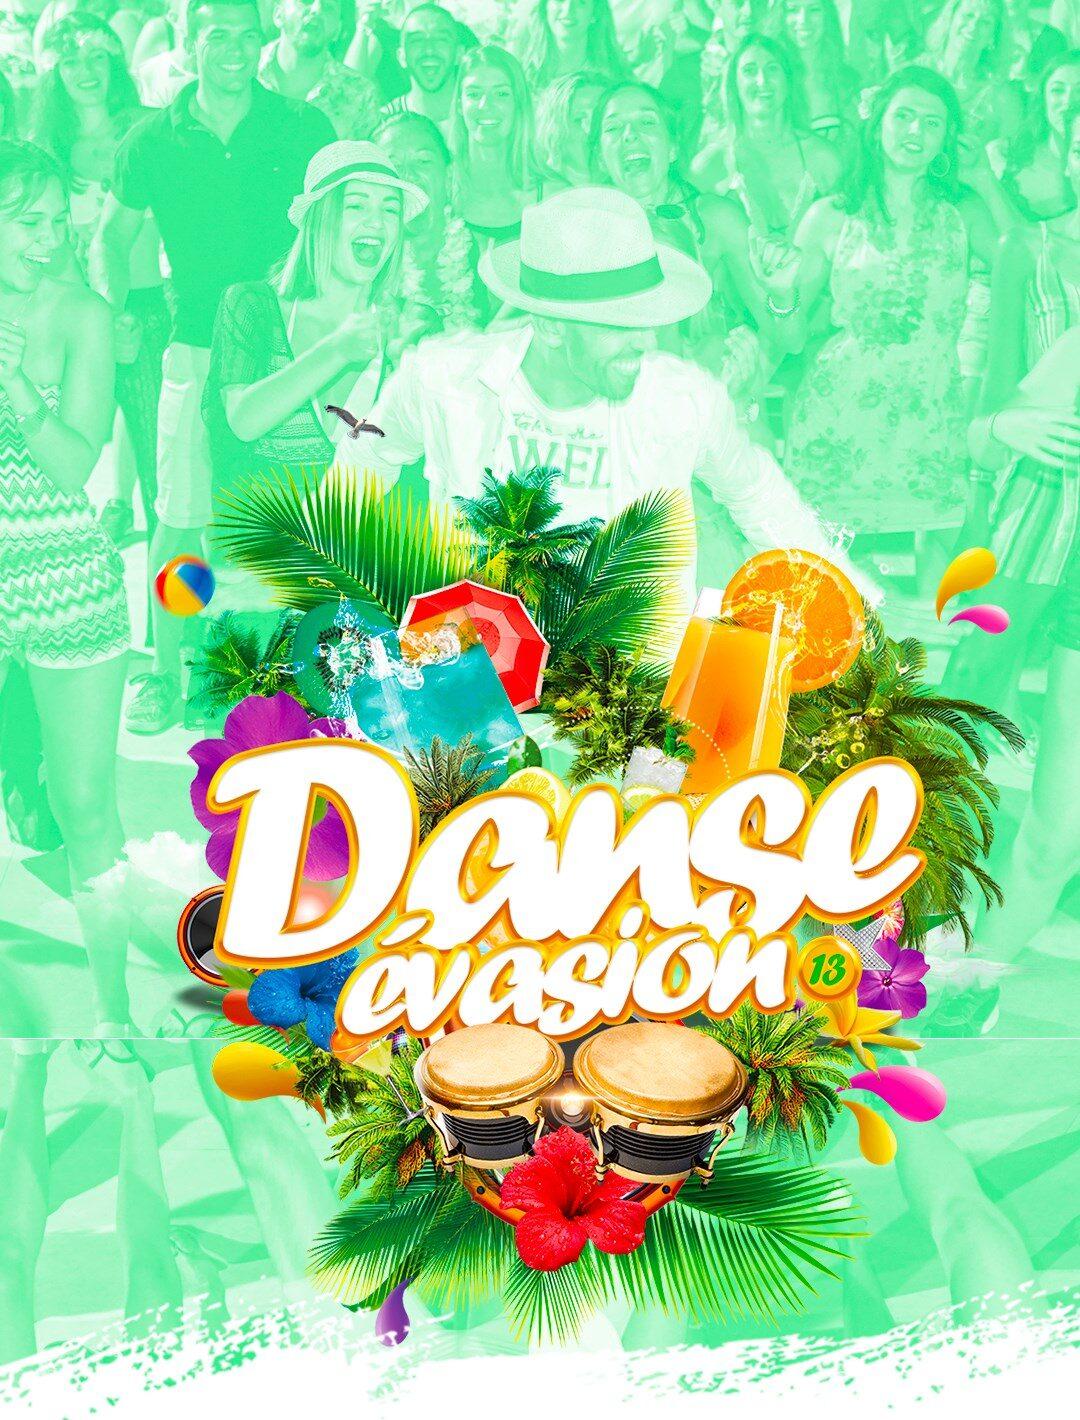 MDA cours de danse et de chant pour enfants et adultes - week-end danse evasion : salsa, bachata, kizomba, rock